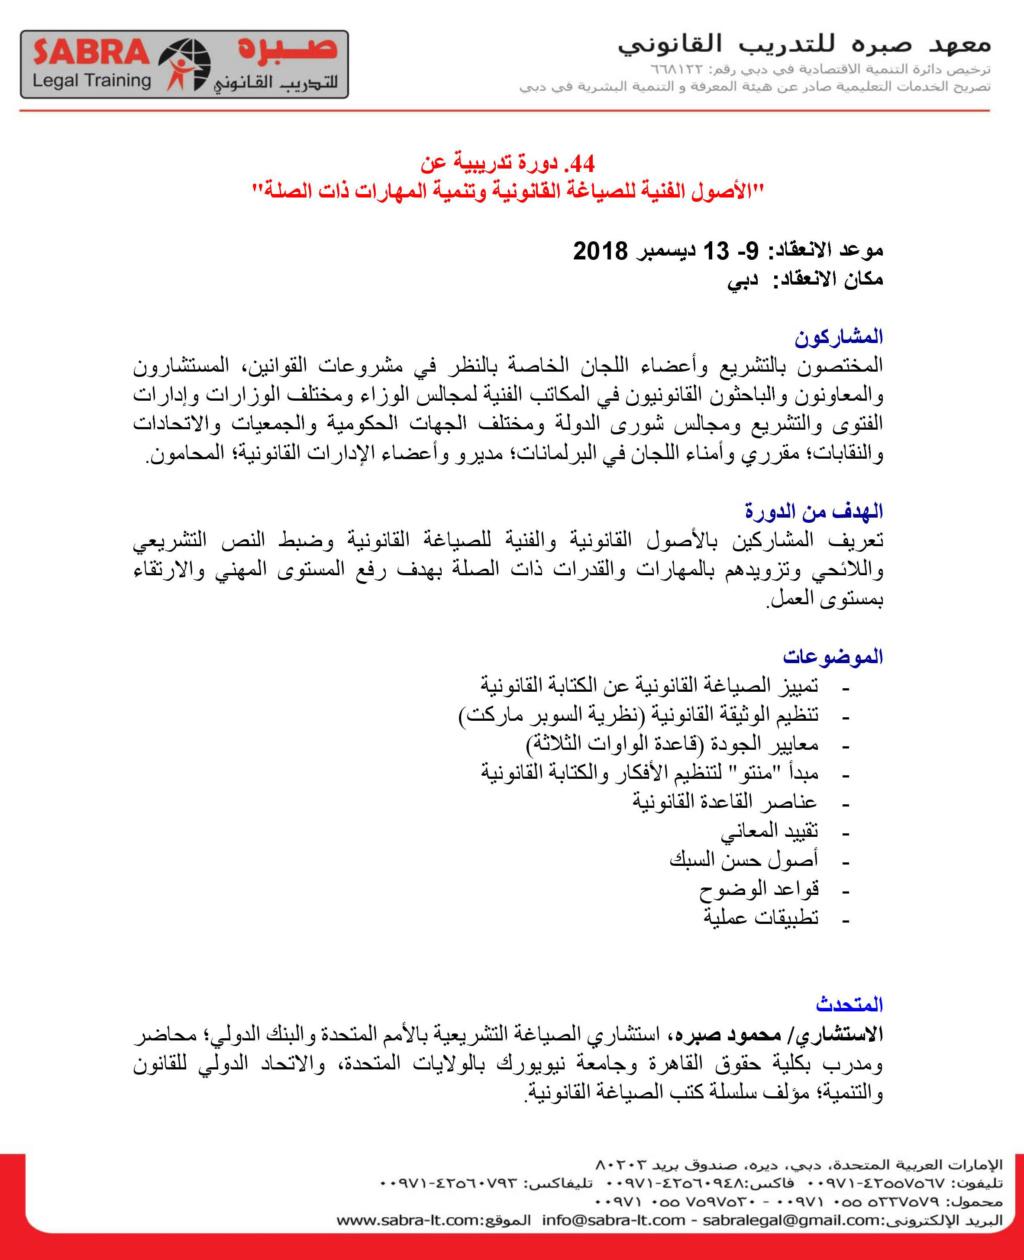 الأصول الفنيّة للصياغة القانونية وتنمية المهارات القانونية ذات الصلة 44_eia10